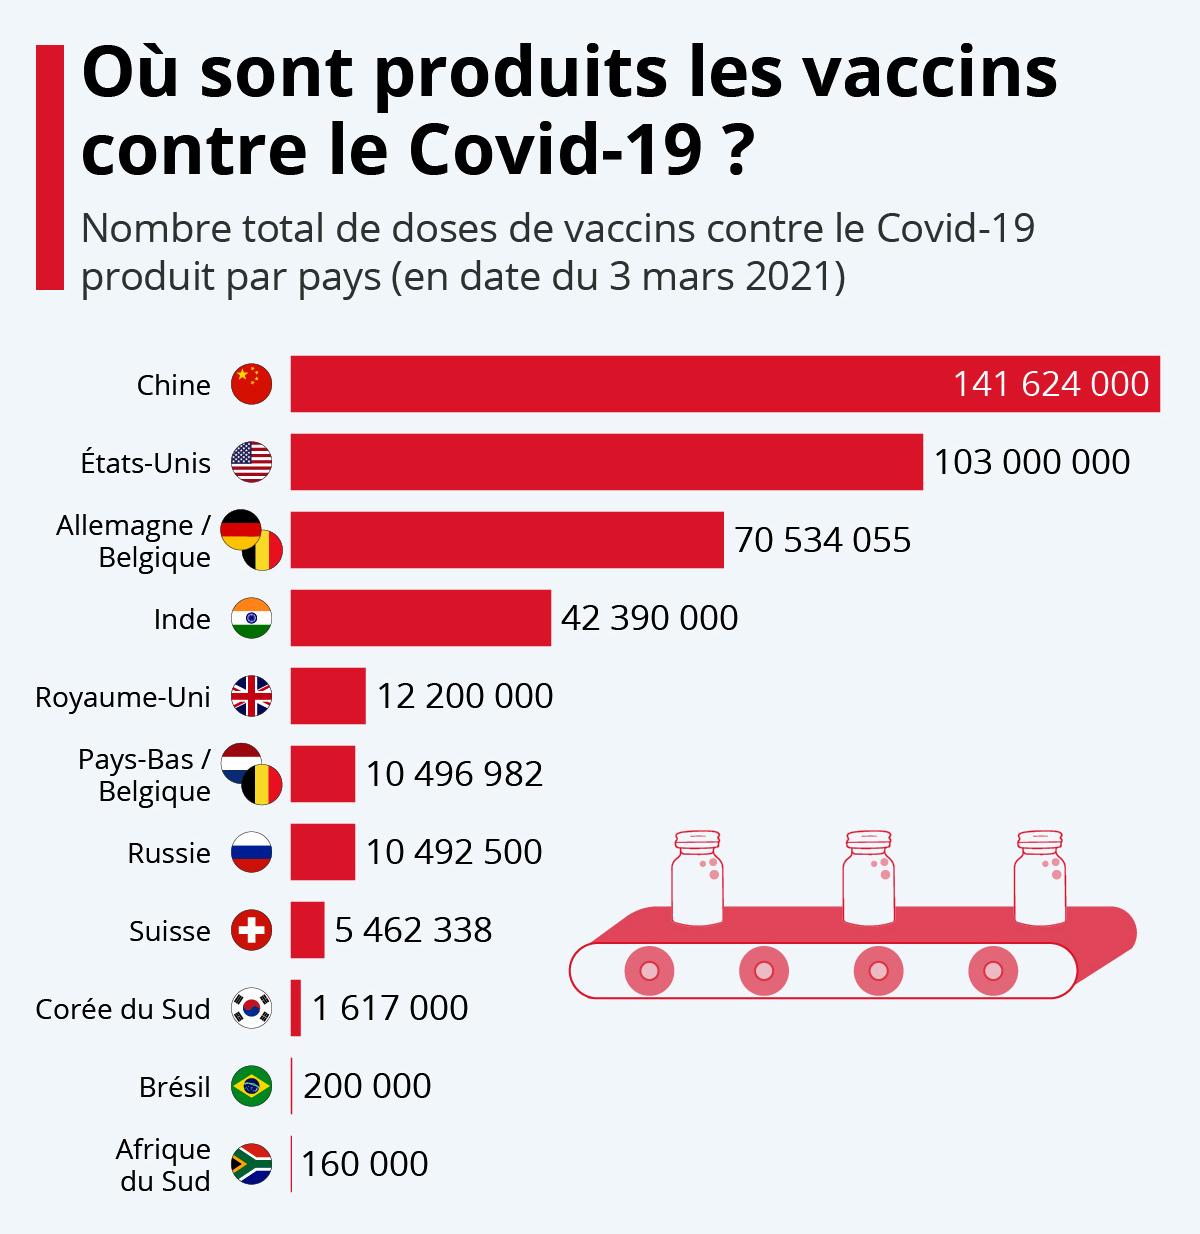 Où sont produits les vaccins contre le COVID-19